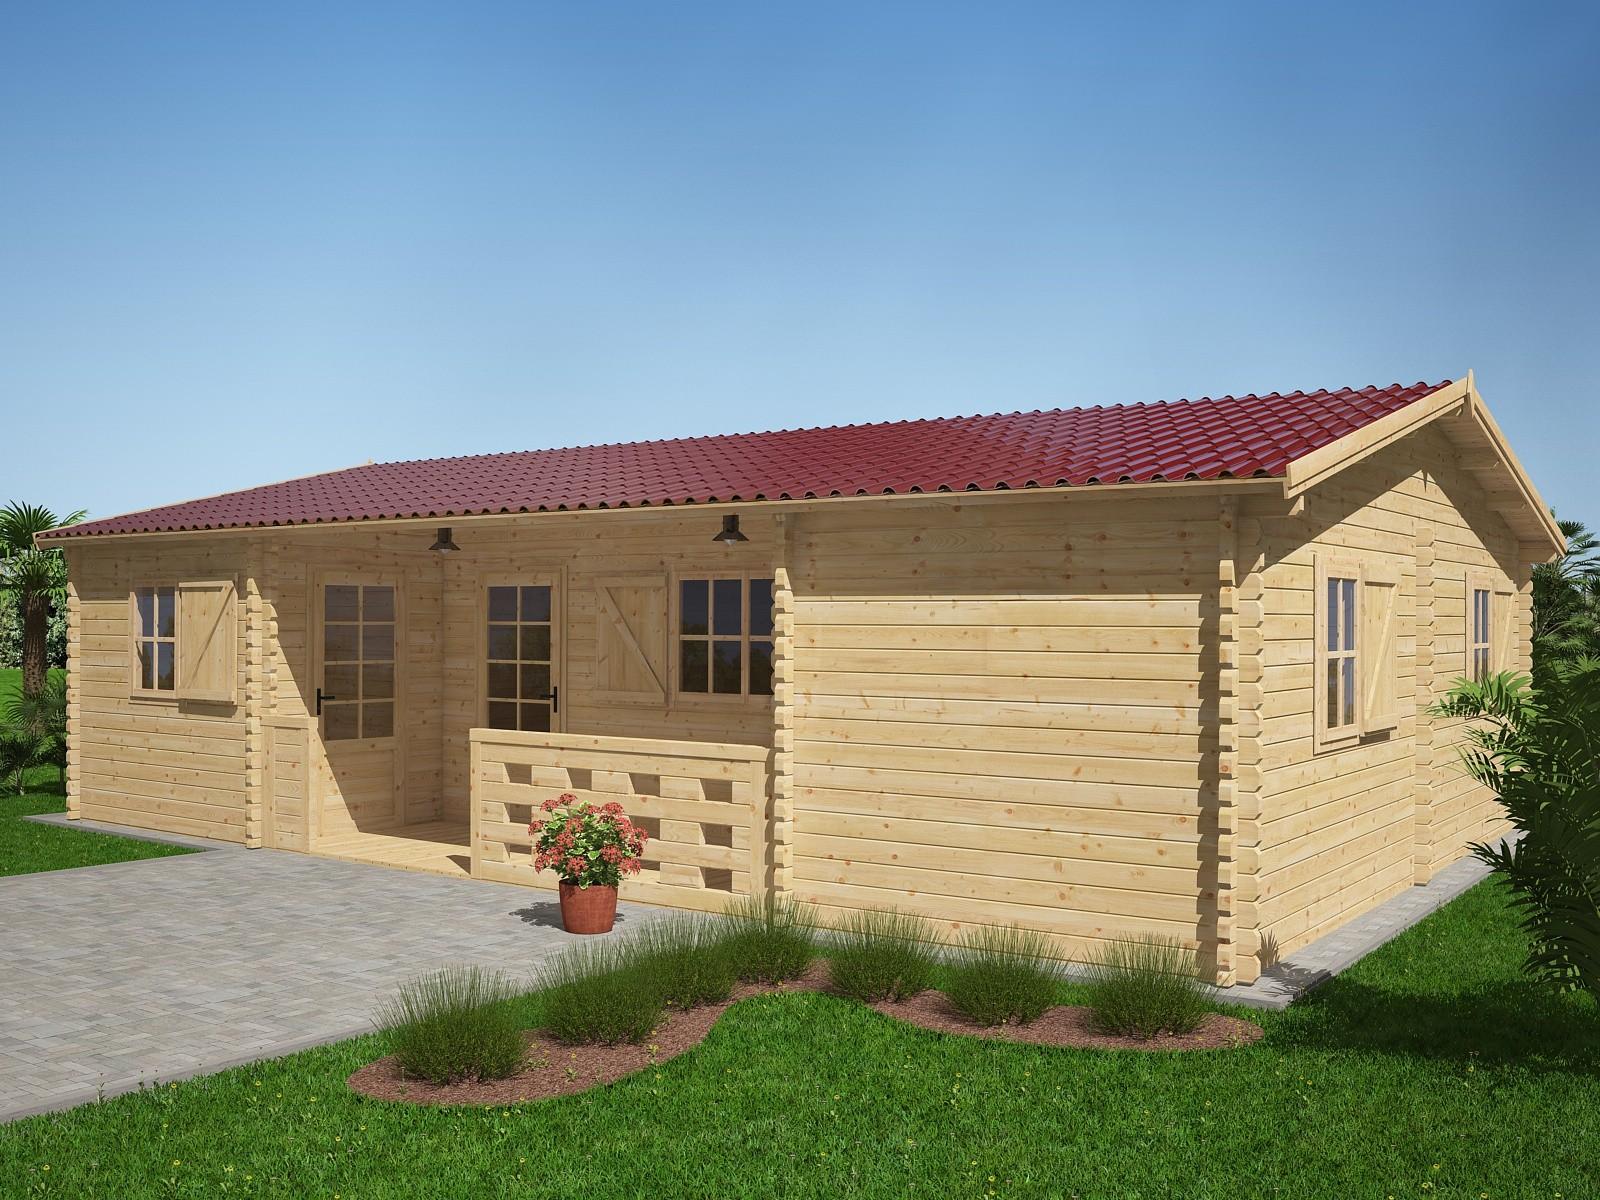 Maison chalet en bois idee plan maison moderne ossature for Chalet bois plain pied